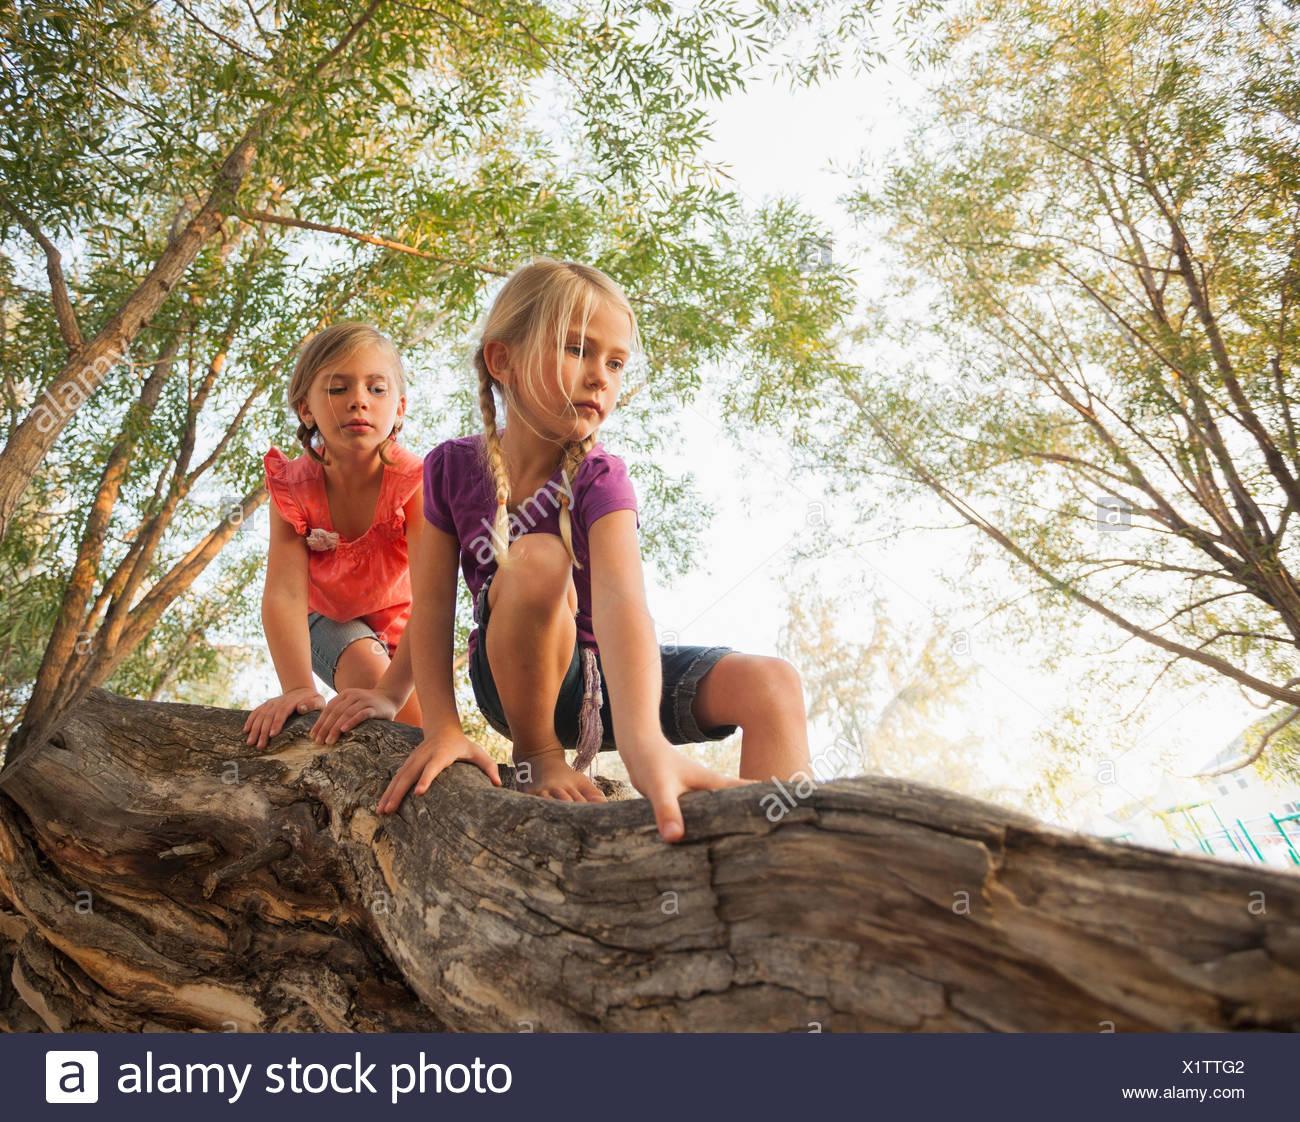 Estados Unidos, Utah, Lehi, dos niñas (4-5, 6-7) en la rama de árbol de escalada horizontal Imagen De Stock